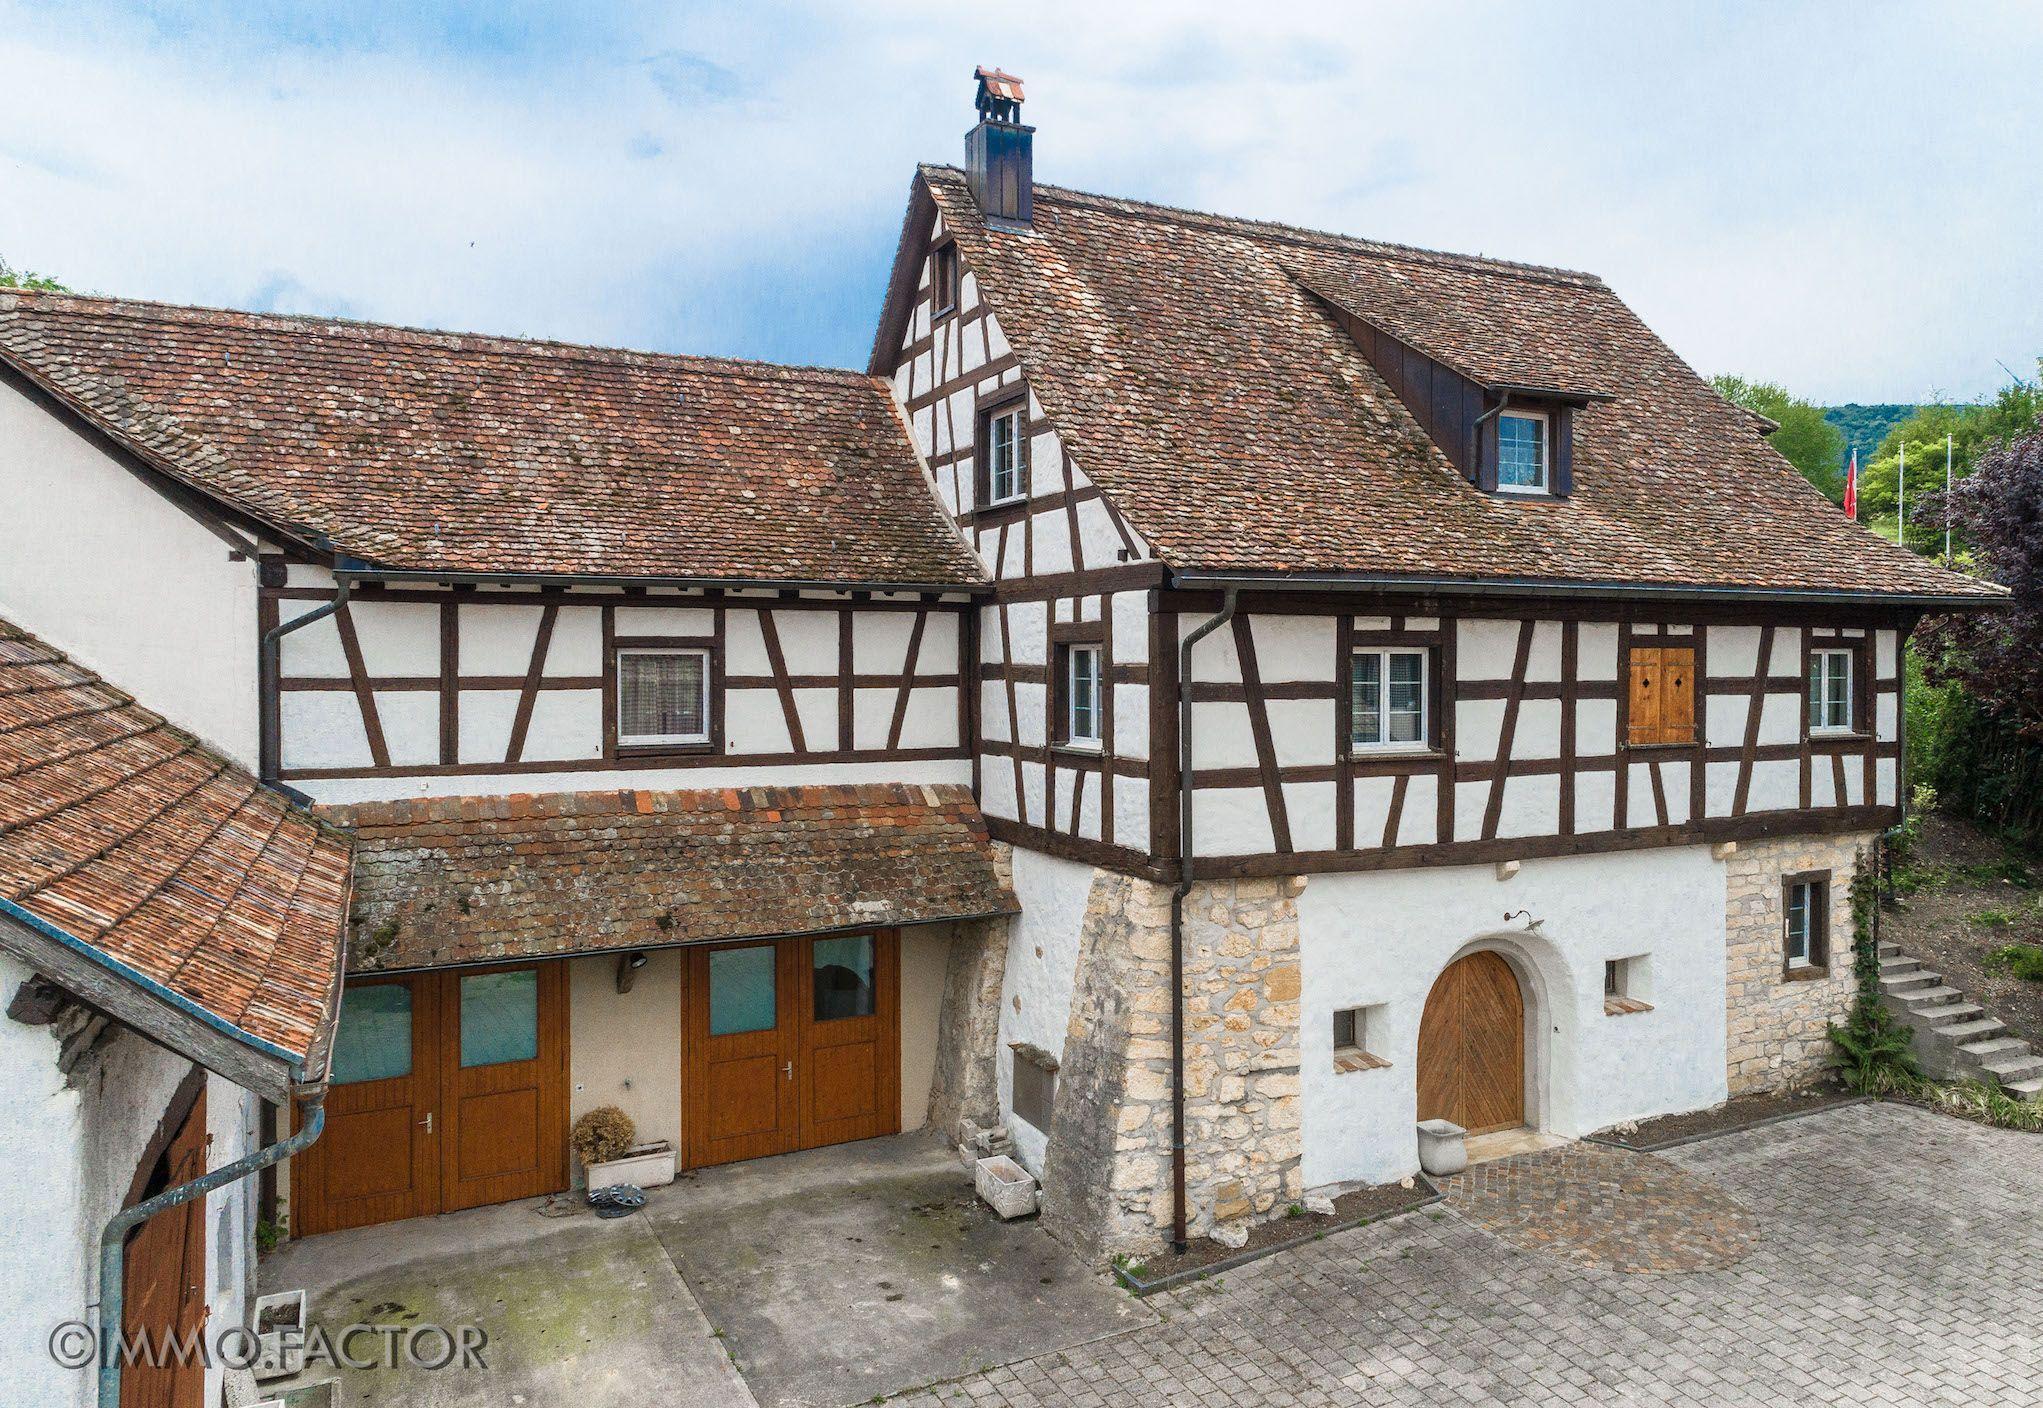 Bauernhaus Altdorf/Thayngen KantonSchaffhausen Switzerland